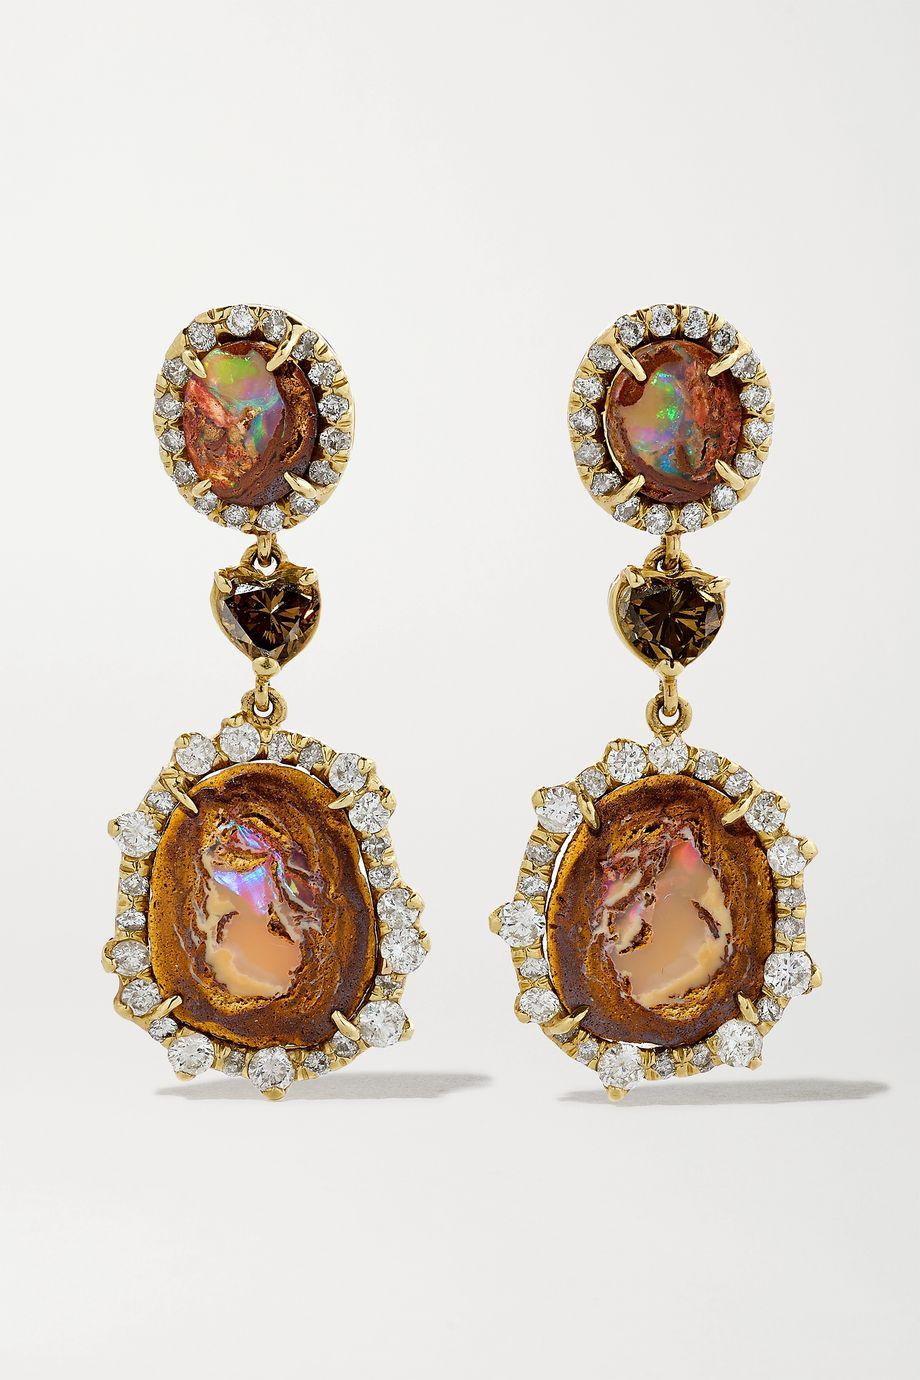 Kimberly McDonald Ohrringe aus 18 Karat Grüngold mit Opalen und Diamanten